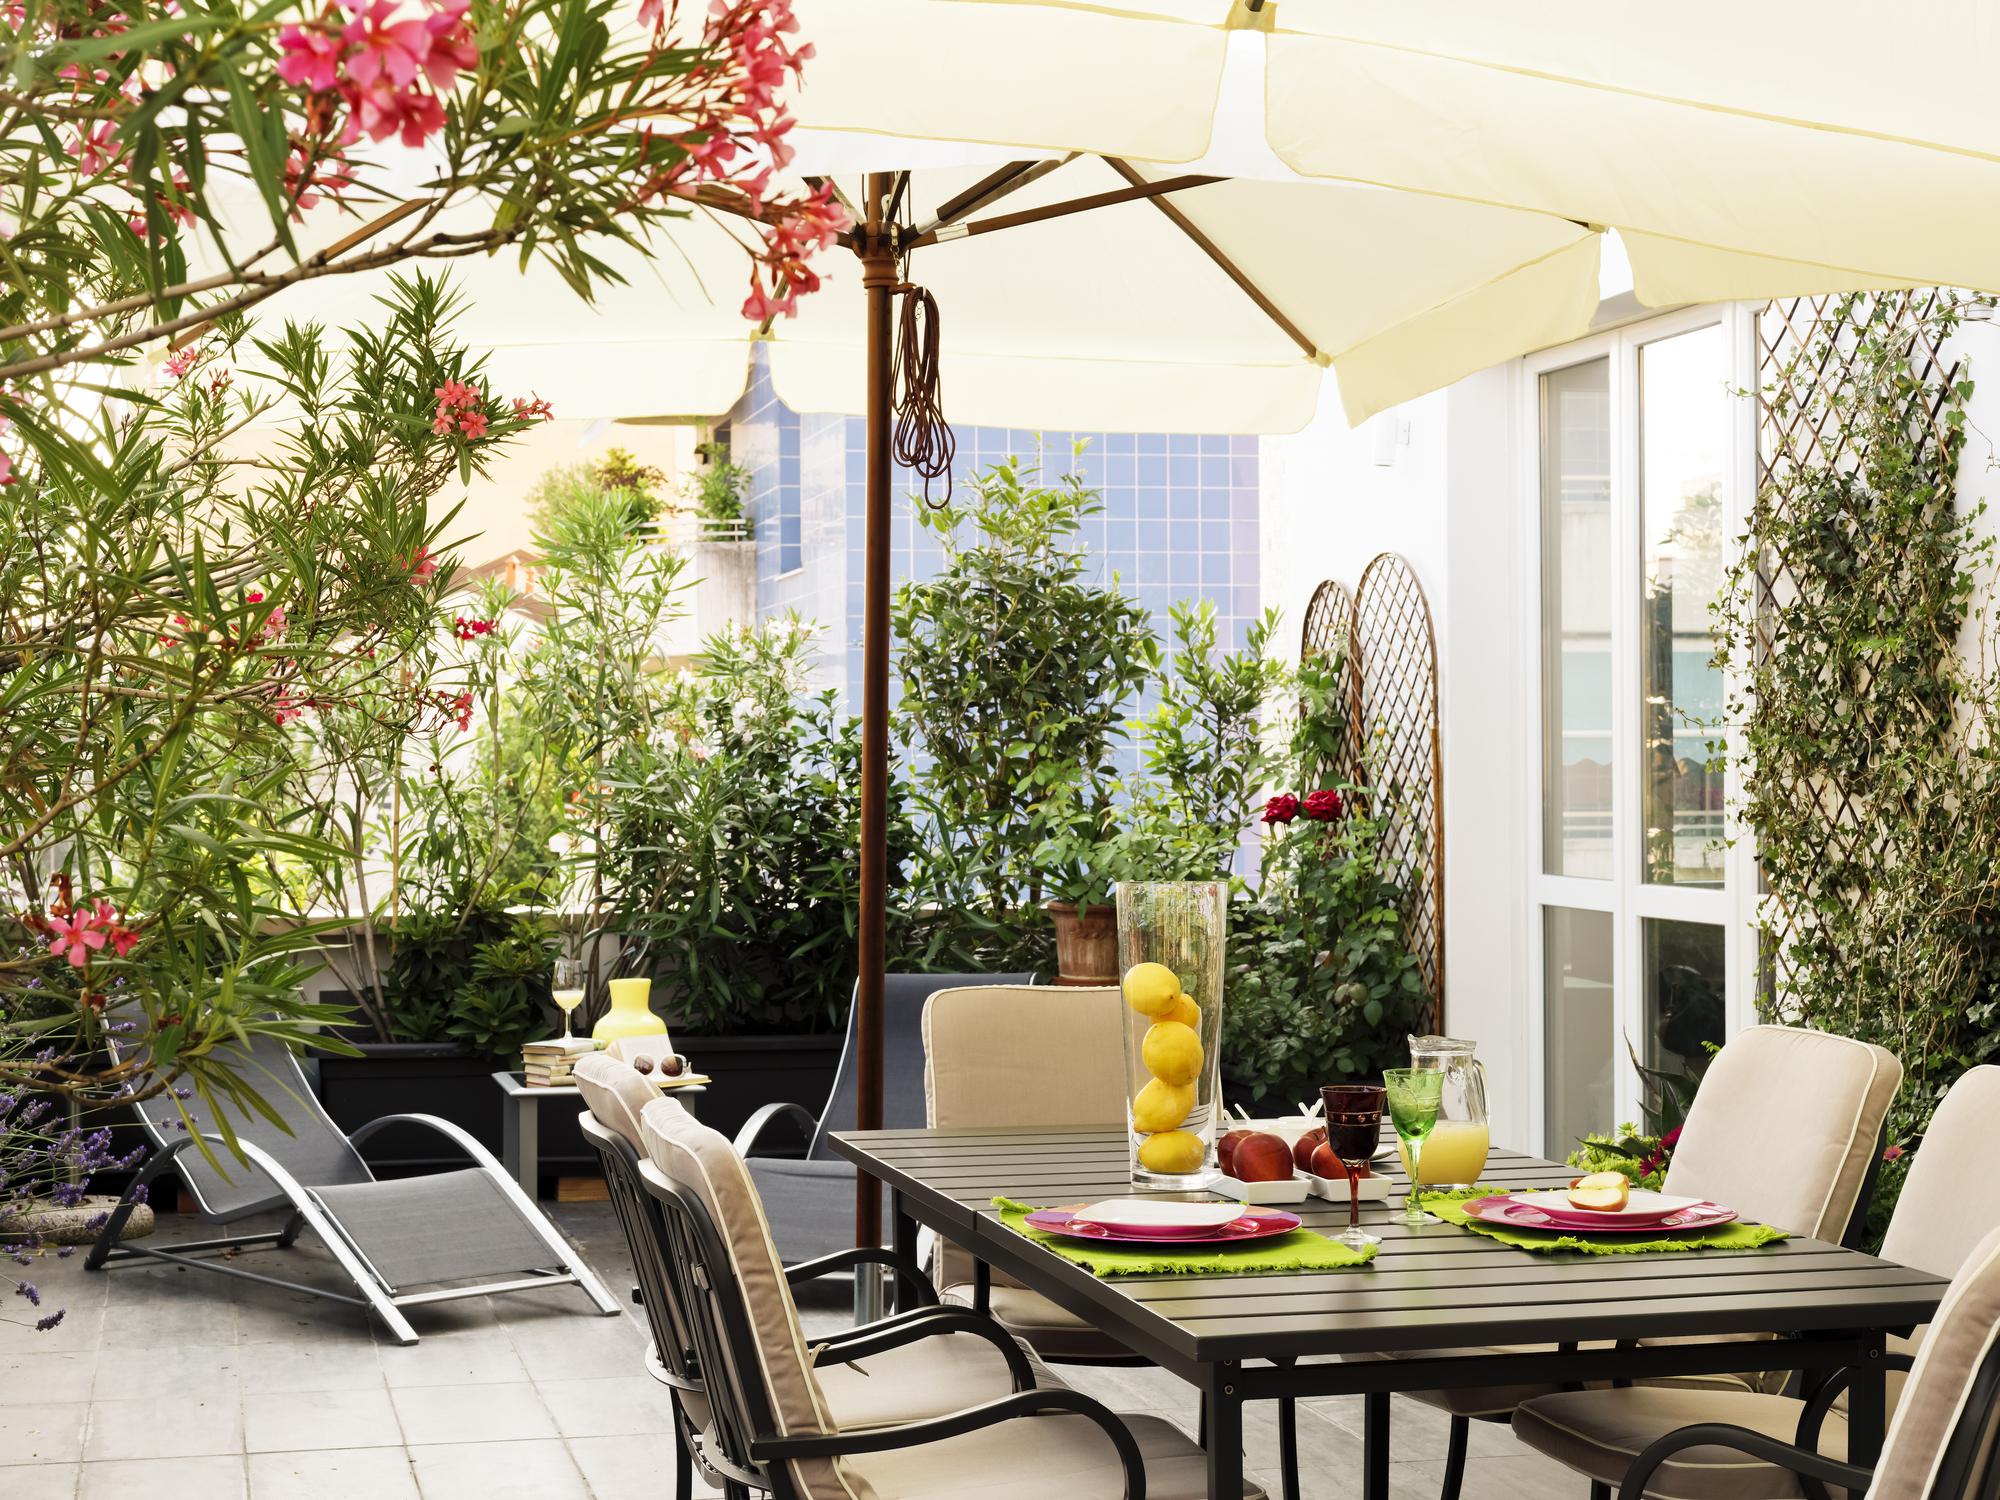 Terrasse indretning – 3 tips til indretning af din terrasse